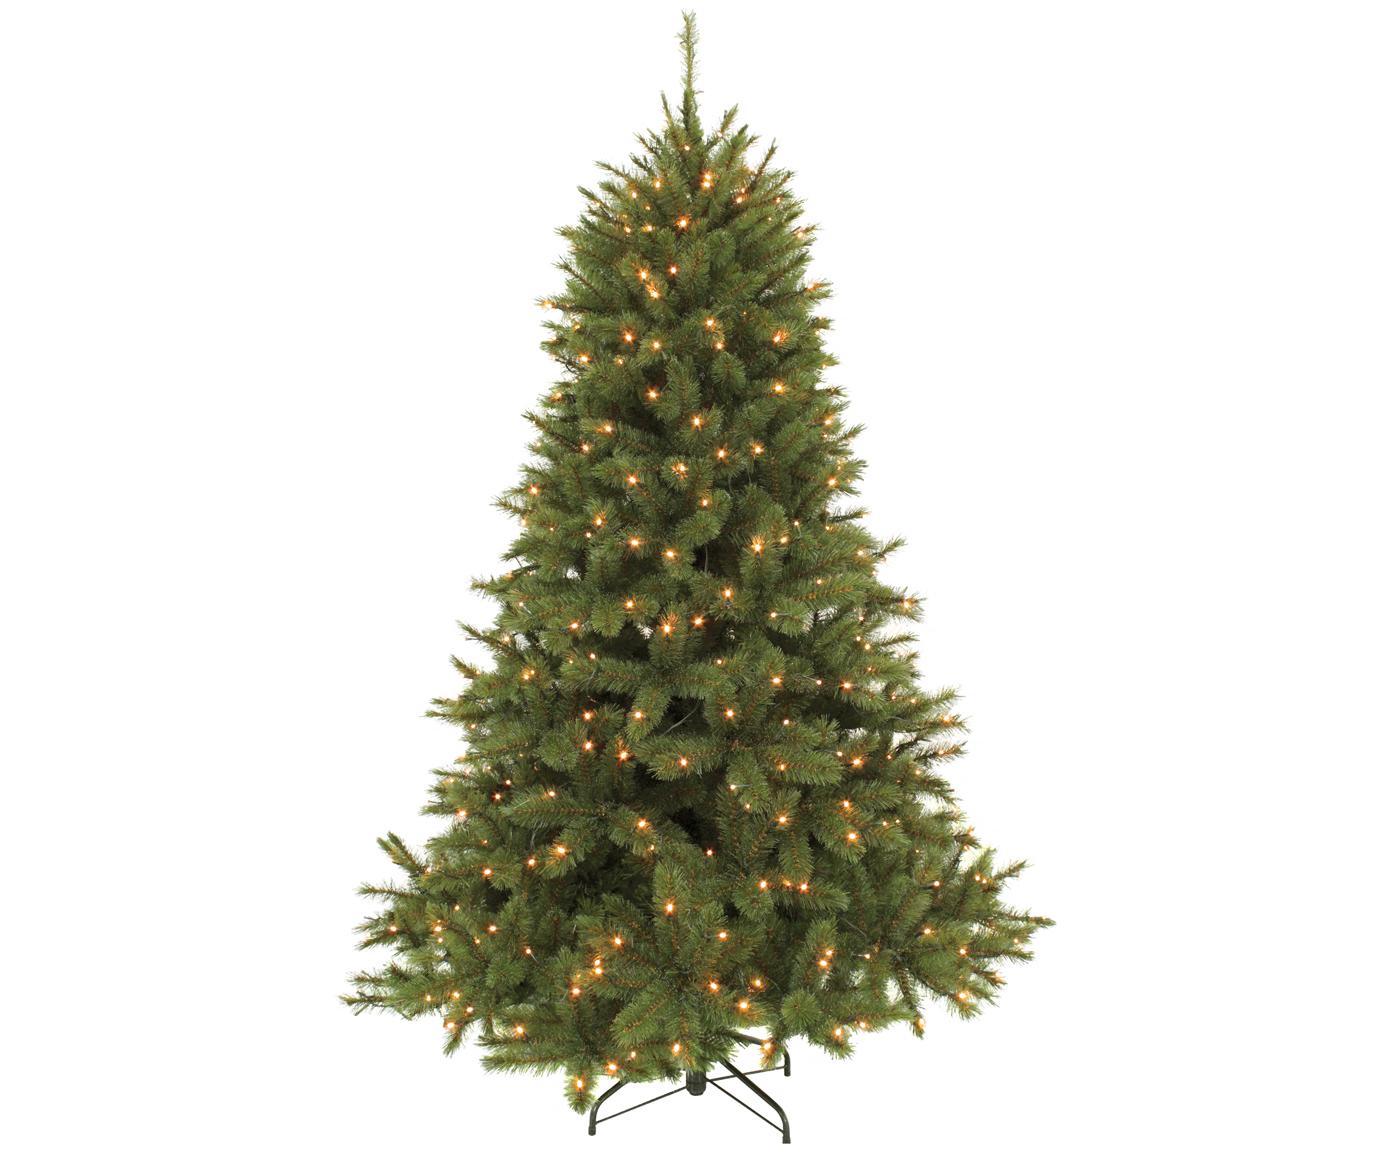 Künstlicher LED Weihnachtsbaum Forest, Dunkelgrün, Ø 119 x H 155 cm